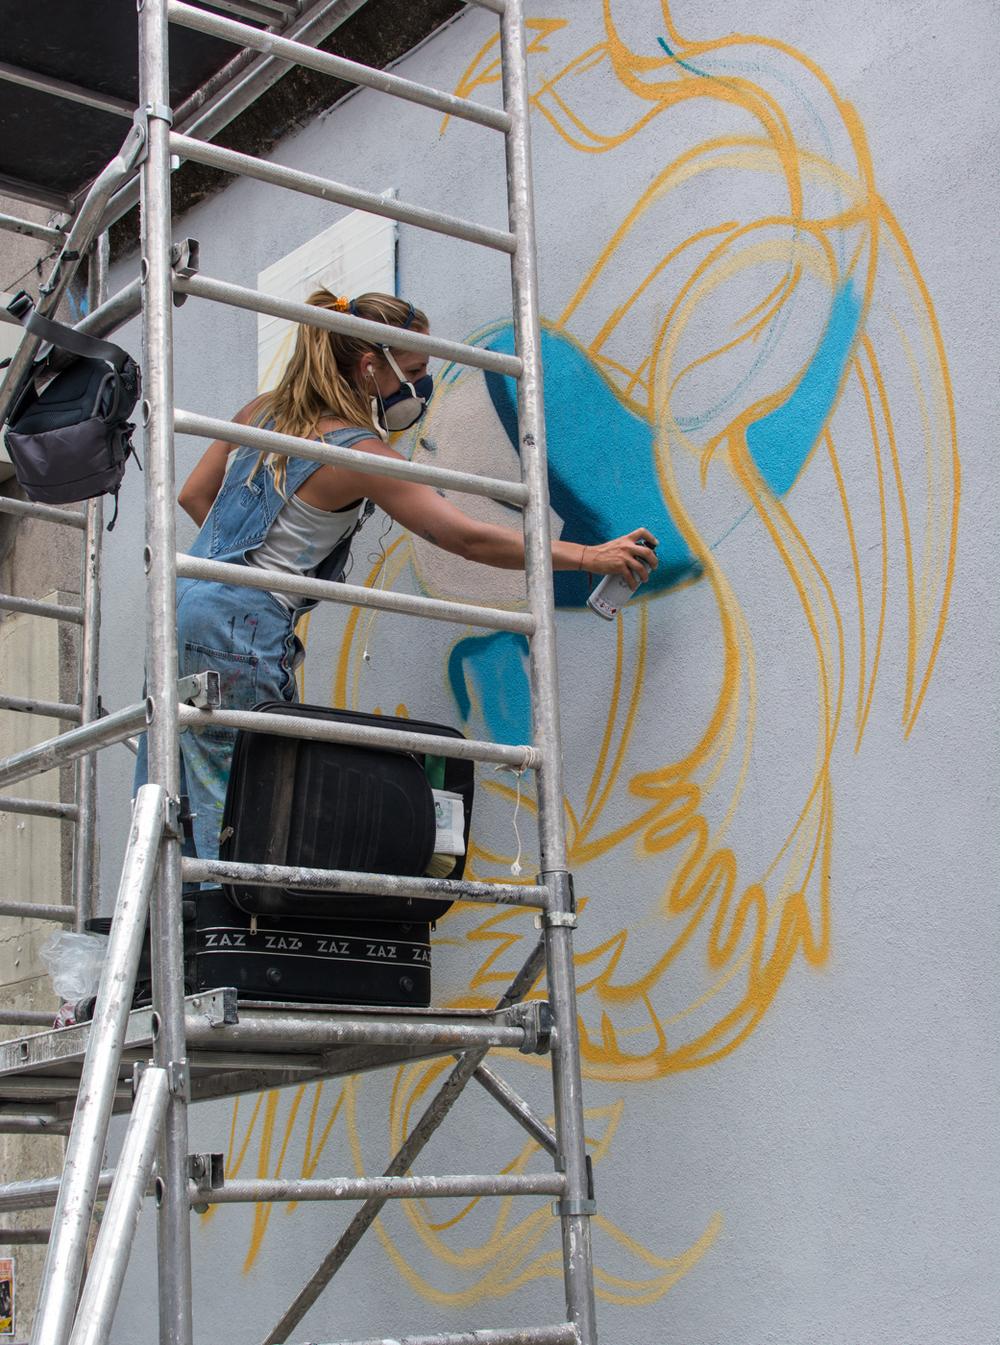 Julieta XLF - MurosTabacalera by Guillermo de la Madrid - Madrid Street Art Project-001.jpg